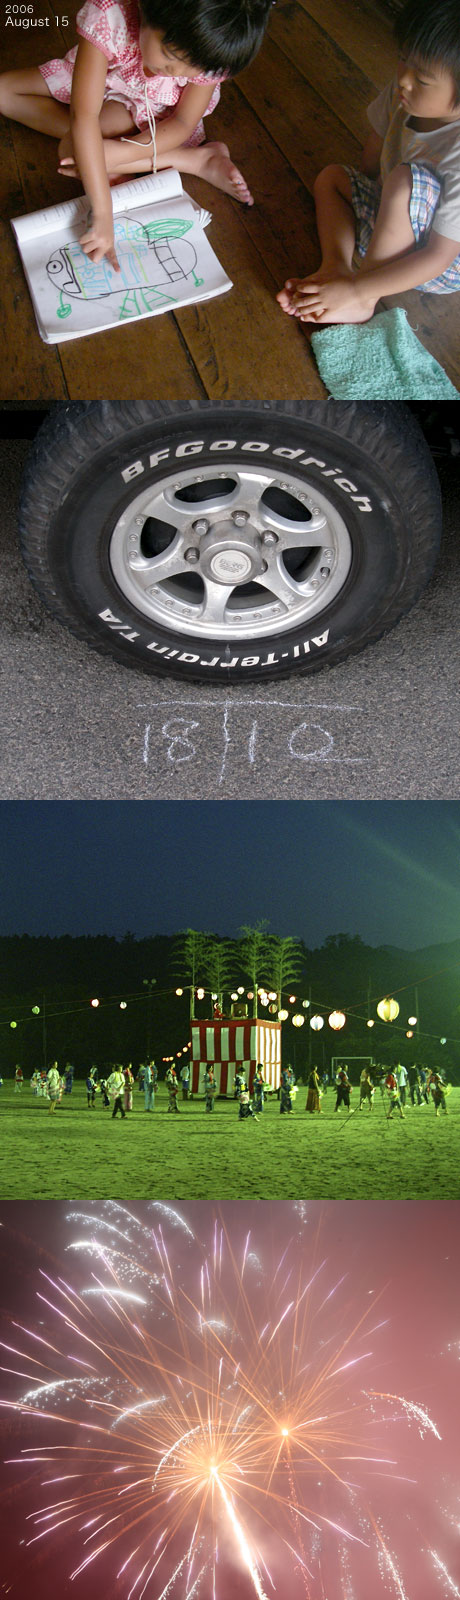 060815.jpg